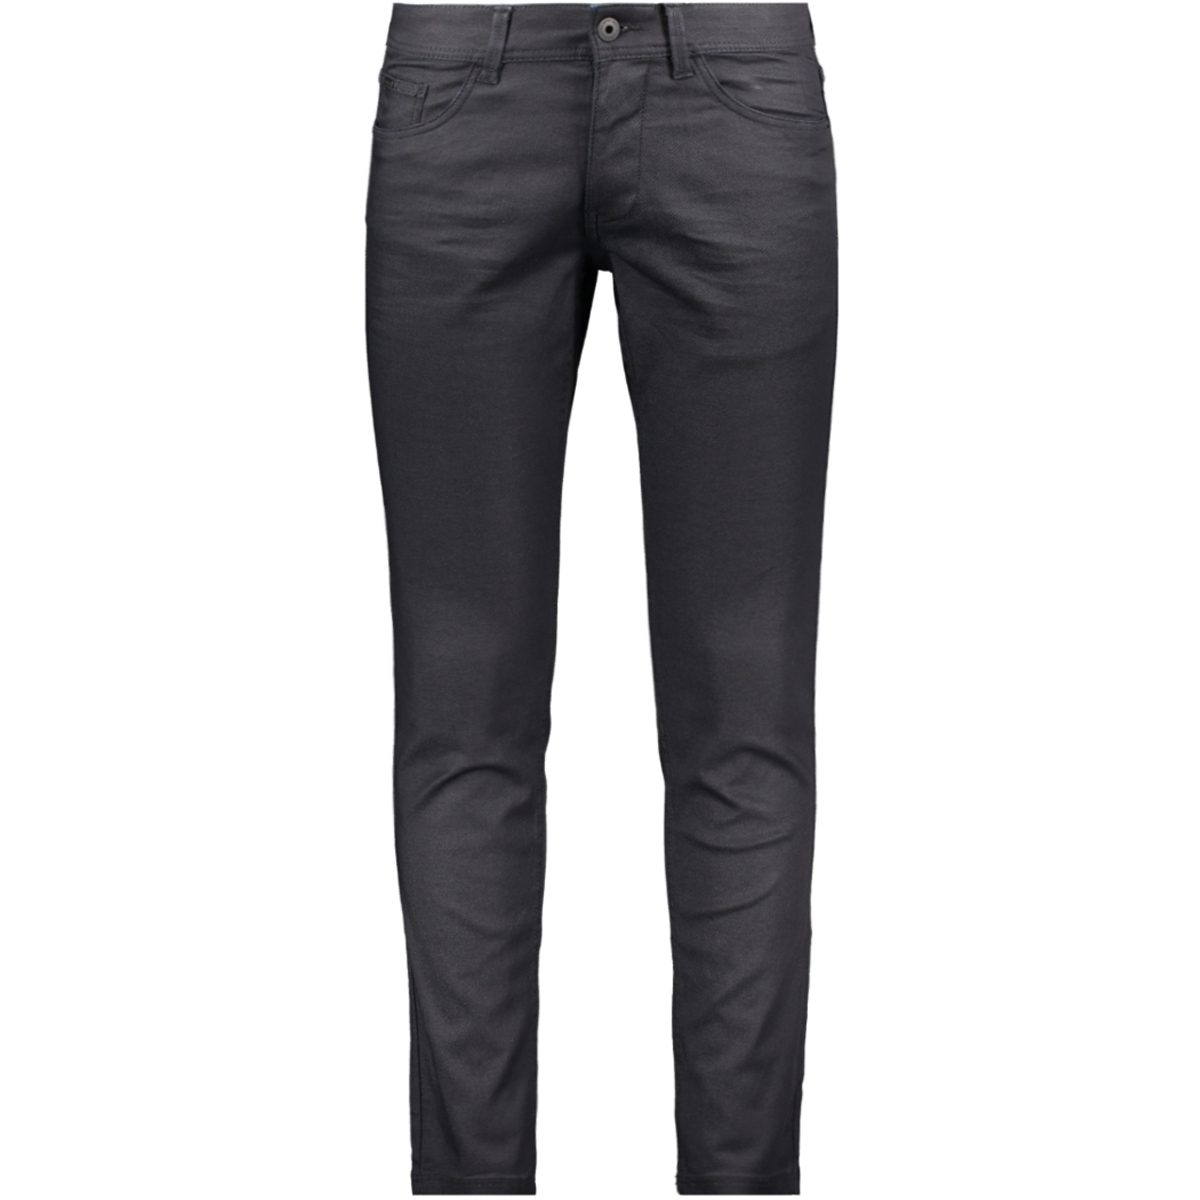 118ee2b006 esprit jeans e400